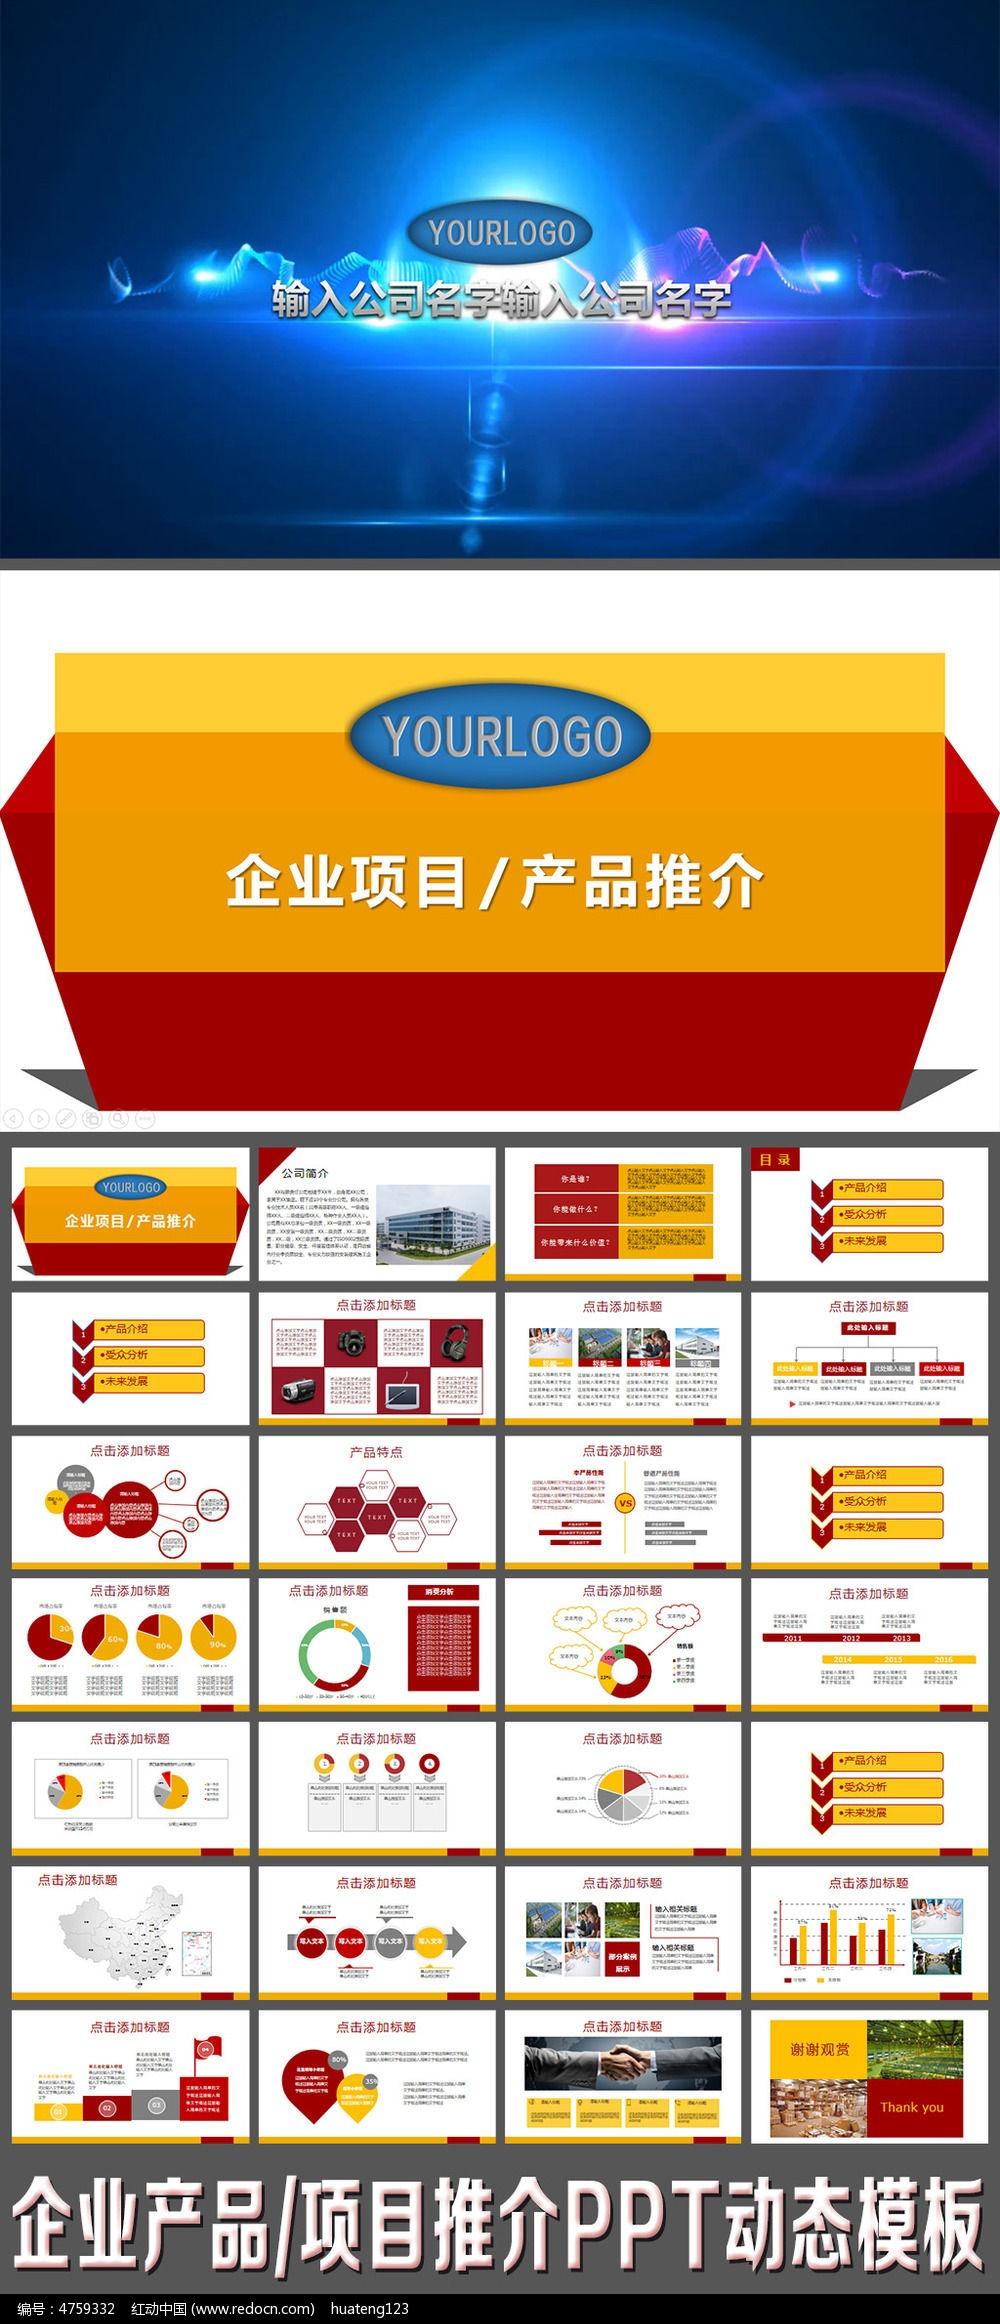 企业产品项目推介ppt动态模板